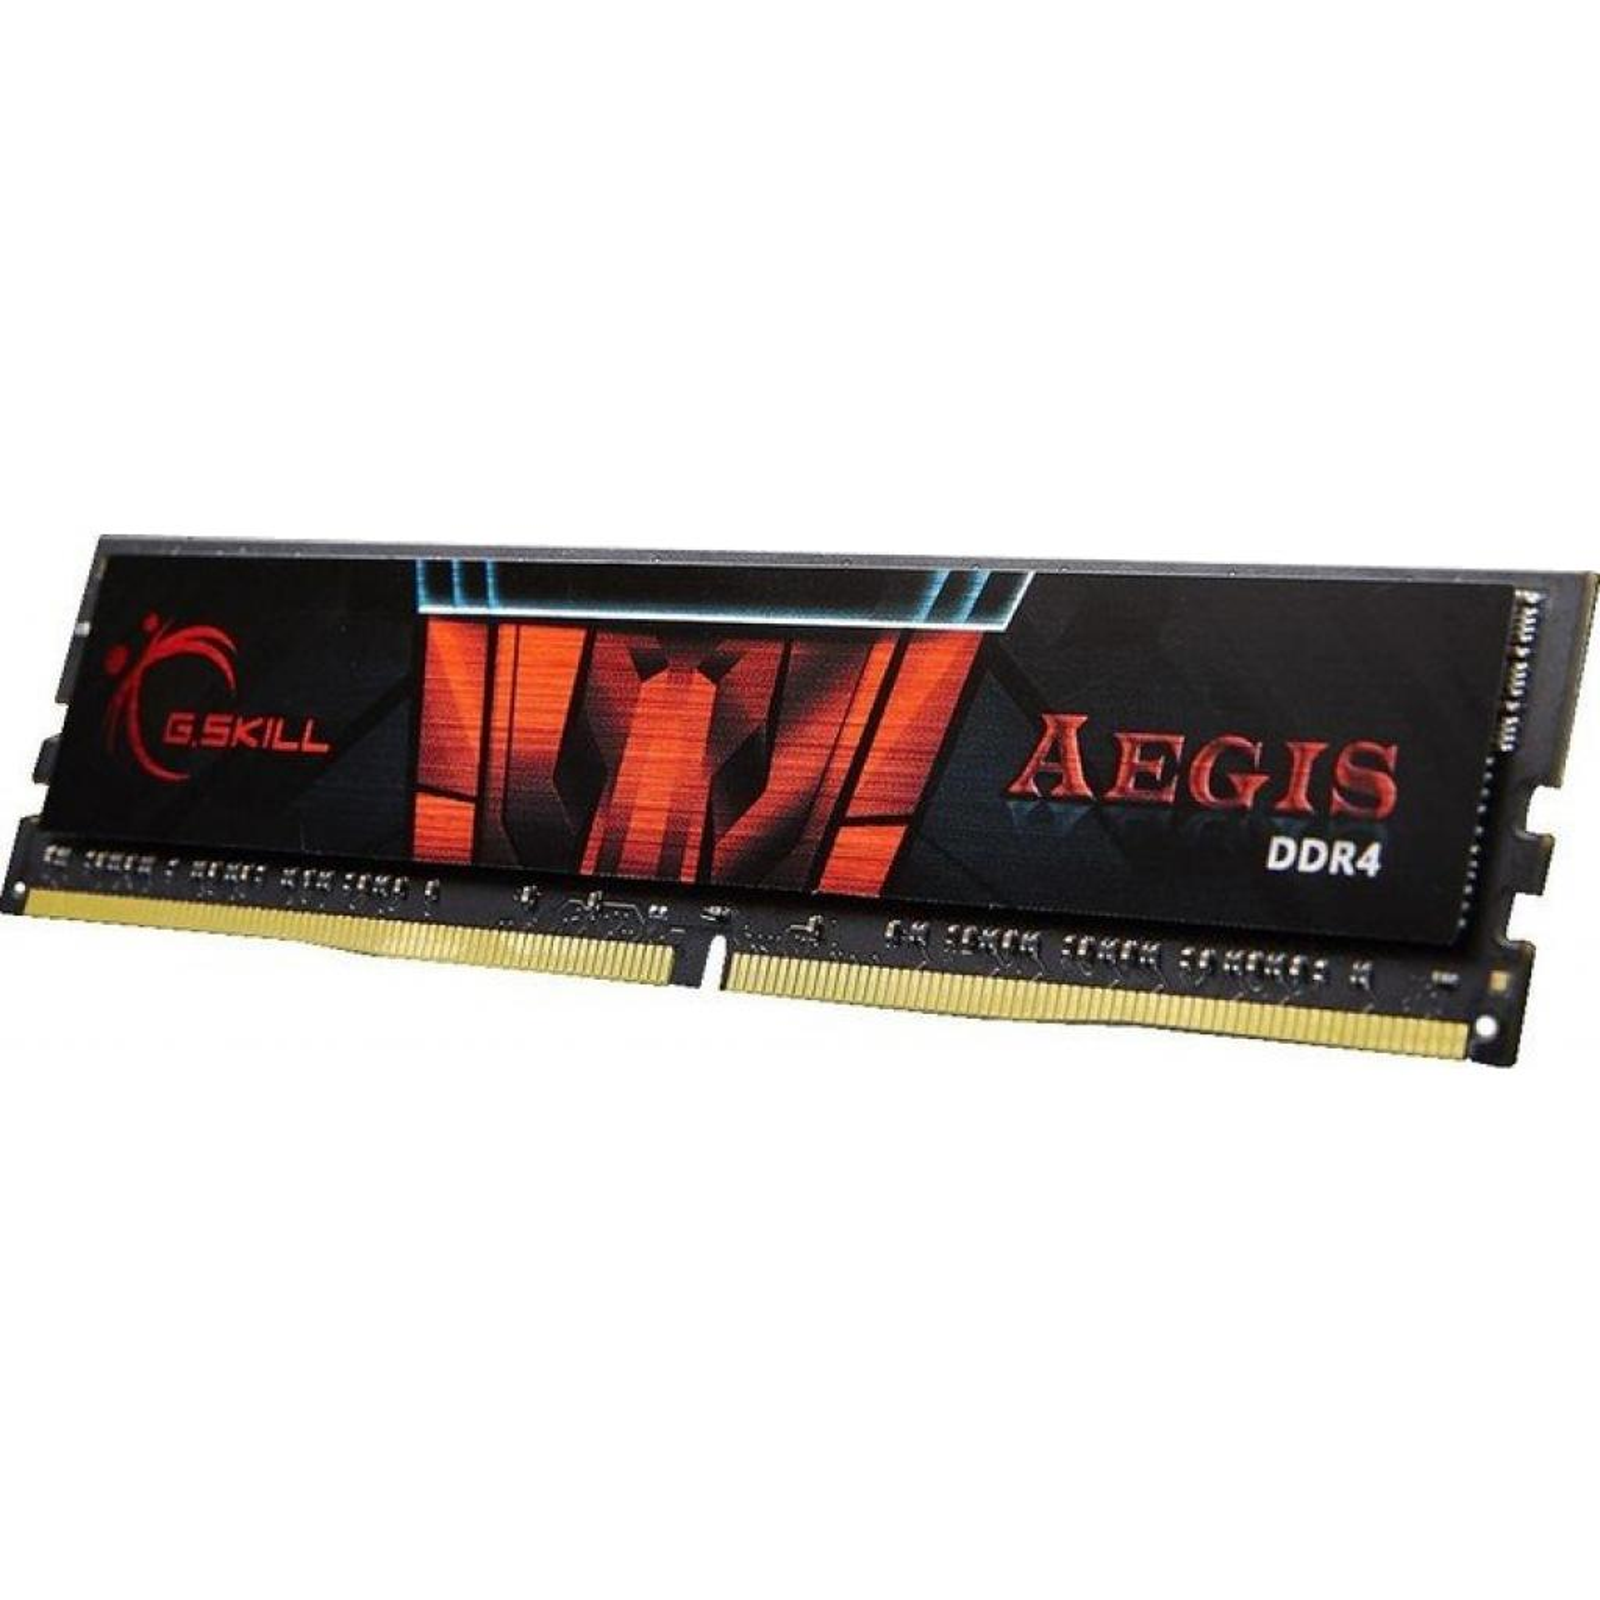 Модуль памяти для компьютера DDR4 16GB 2400 MHz Gaming Series - Aegis G.Skill (F4-2400C15S-16GIS) изображение 2